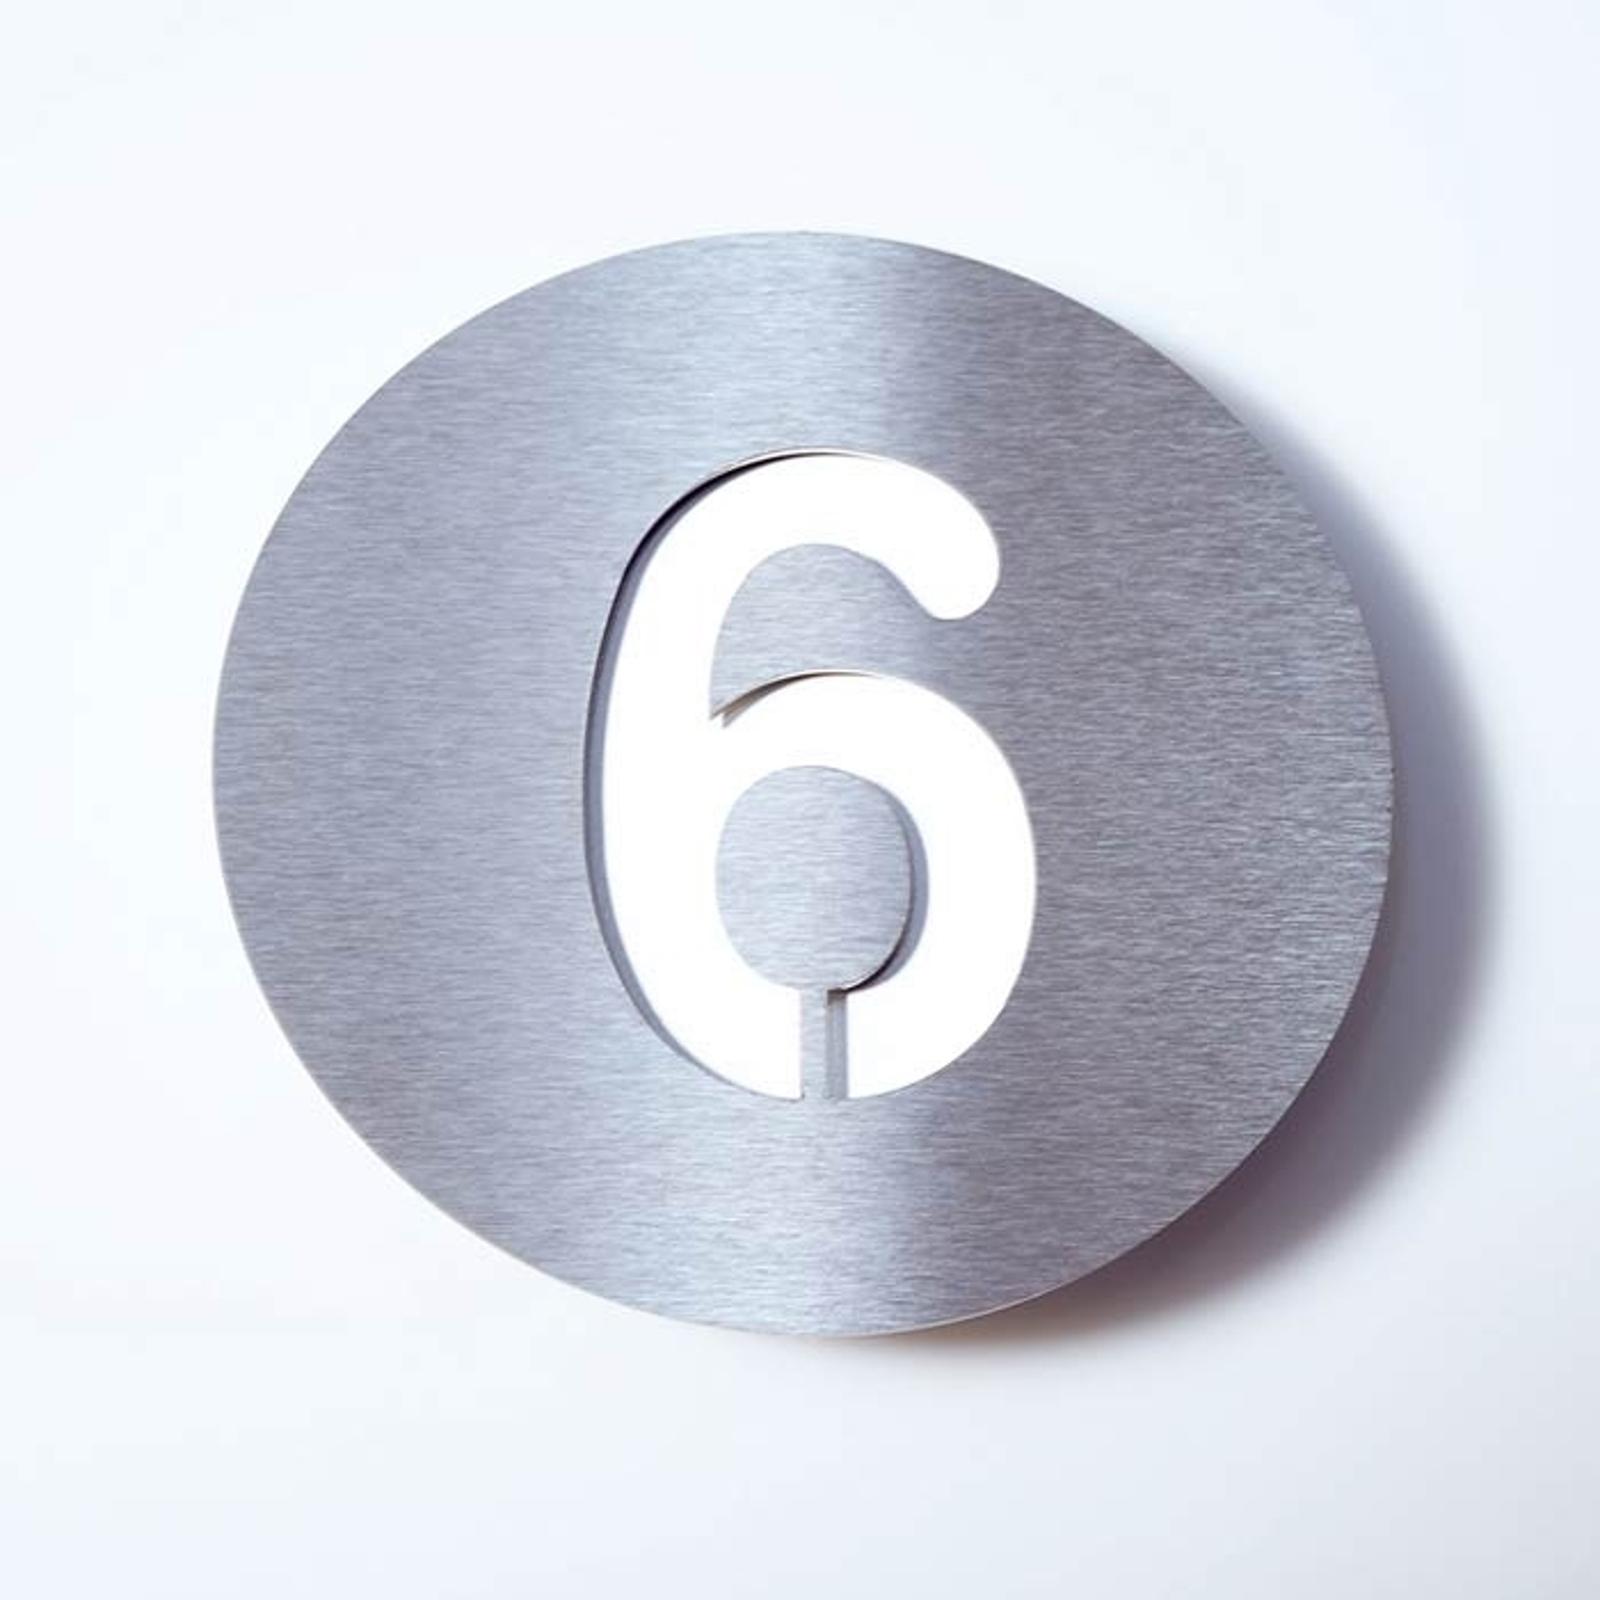 Número de casa Round de acero inoxidable - 6